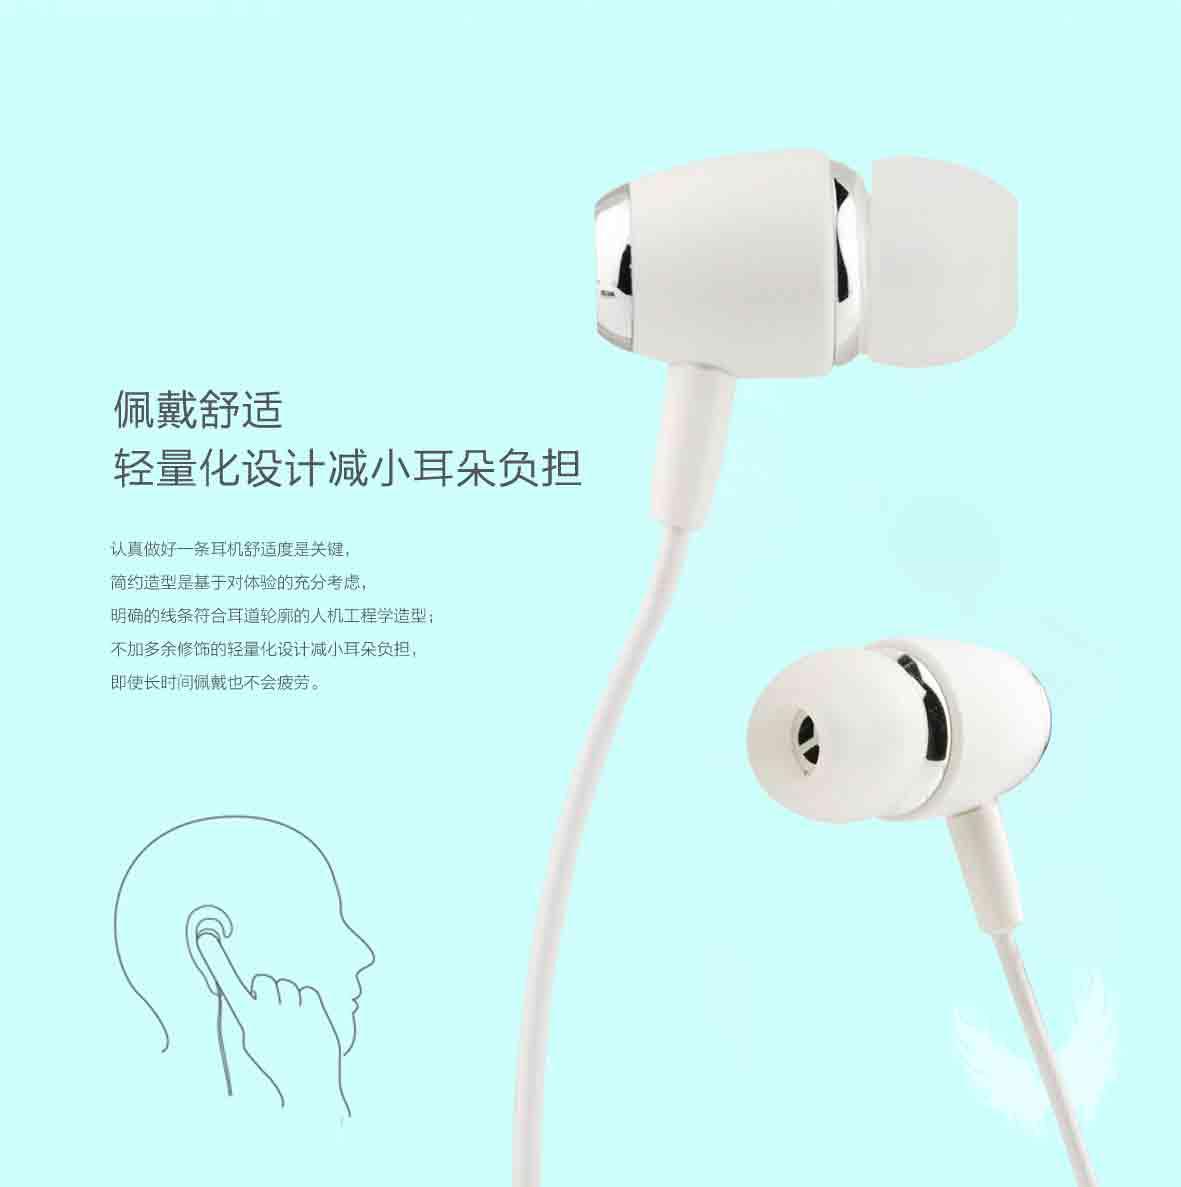 x03 入耳式音乐耳机